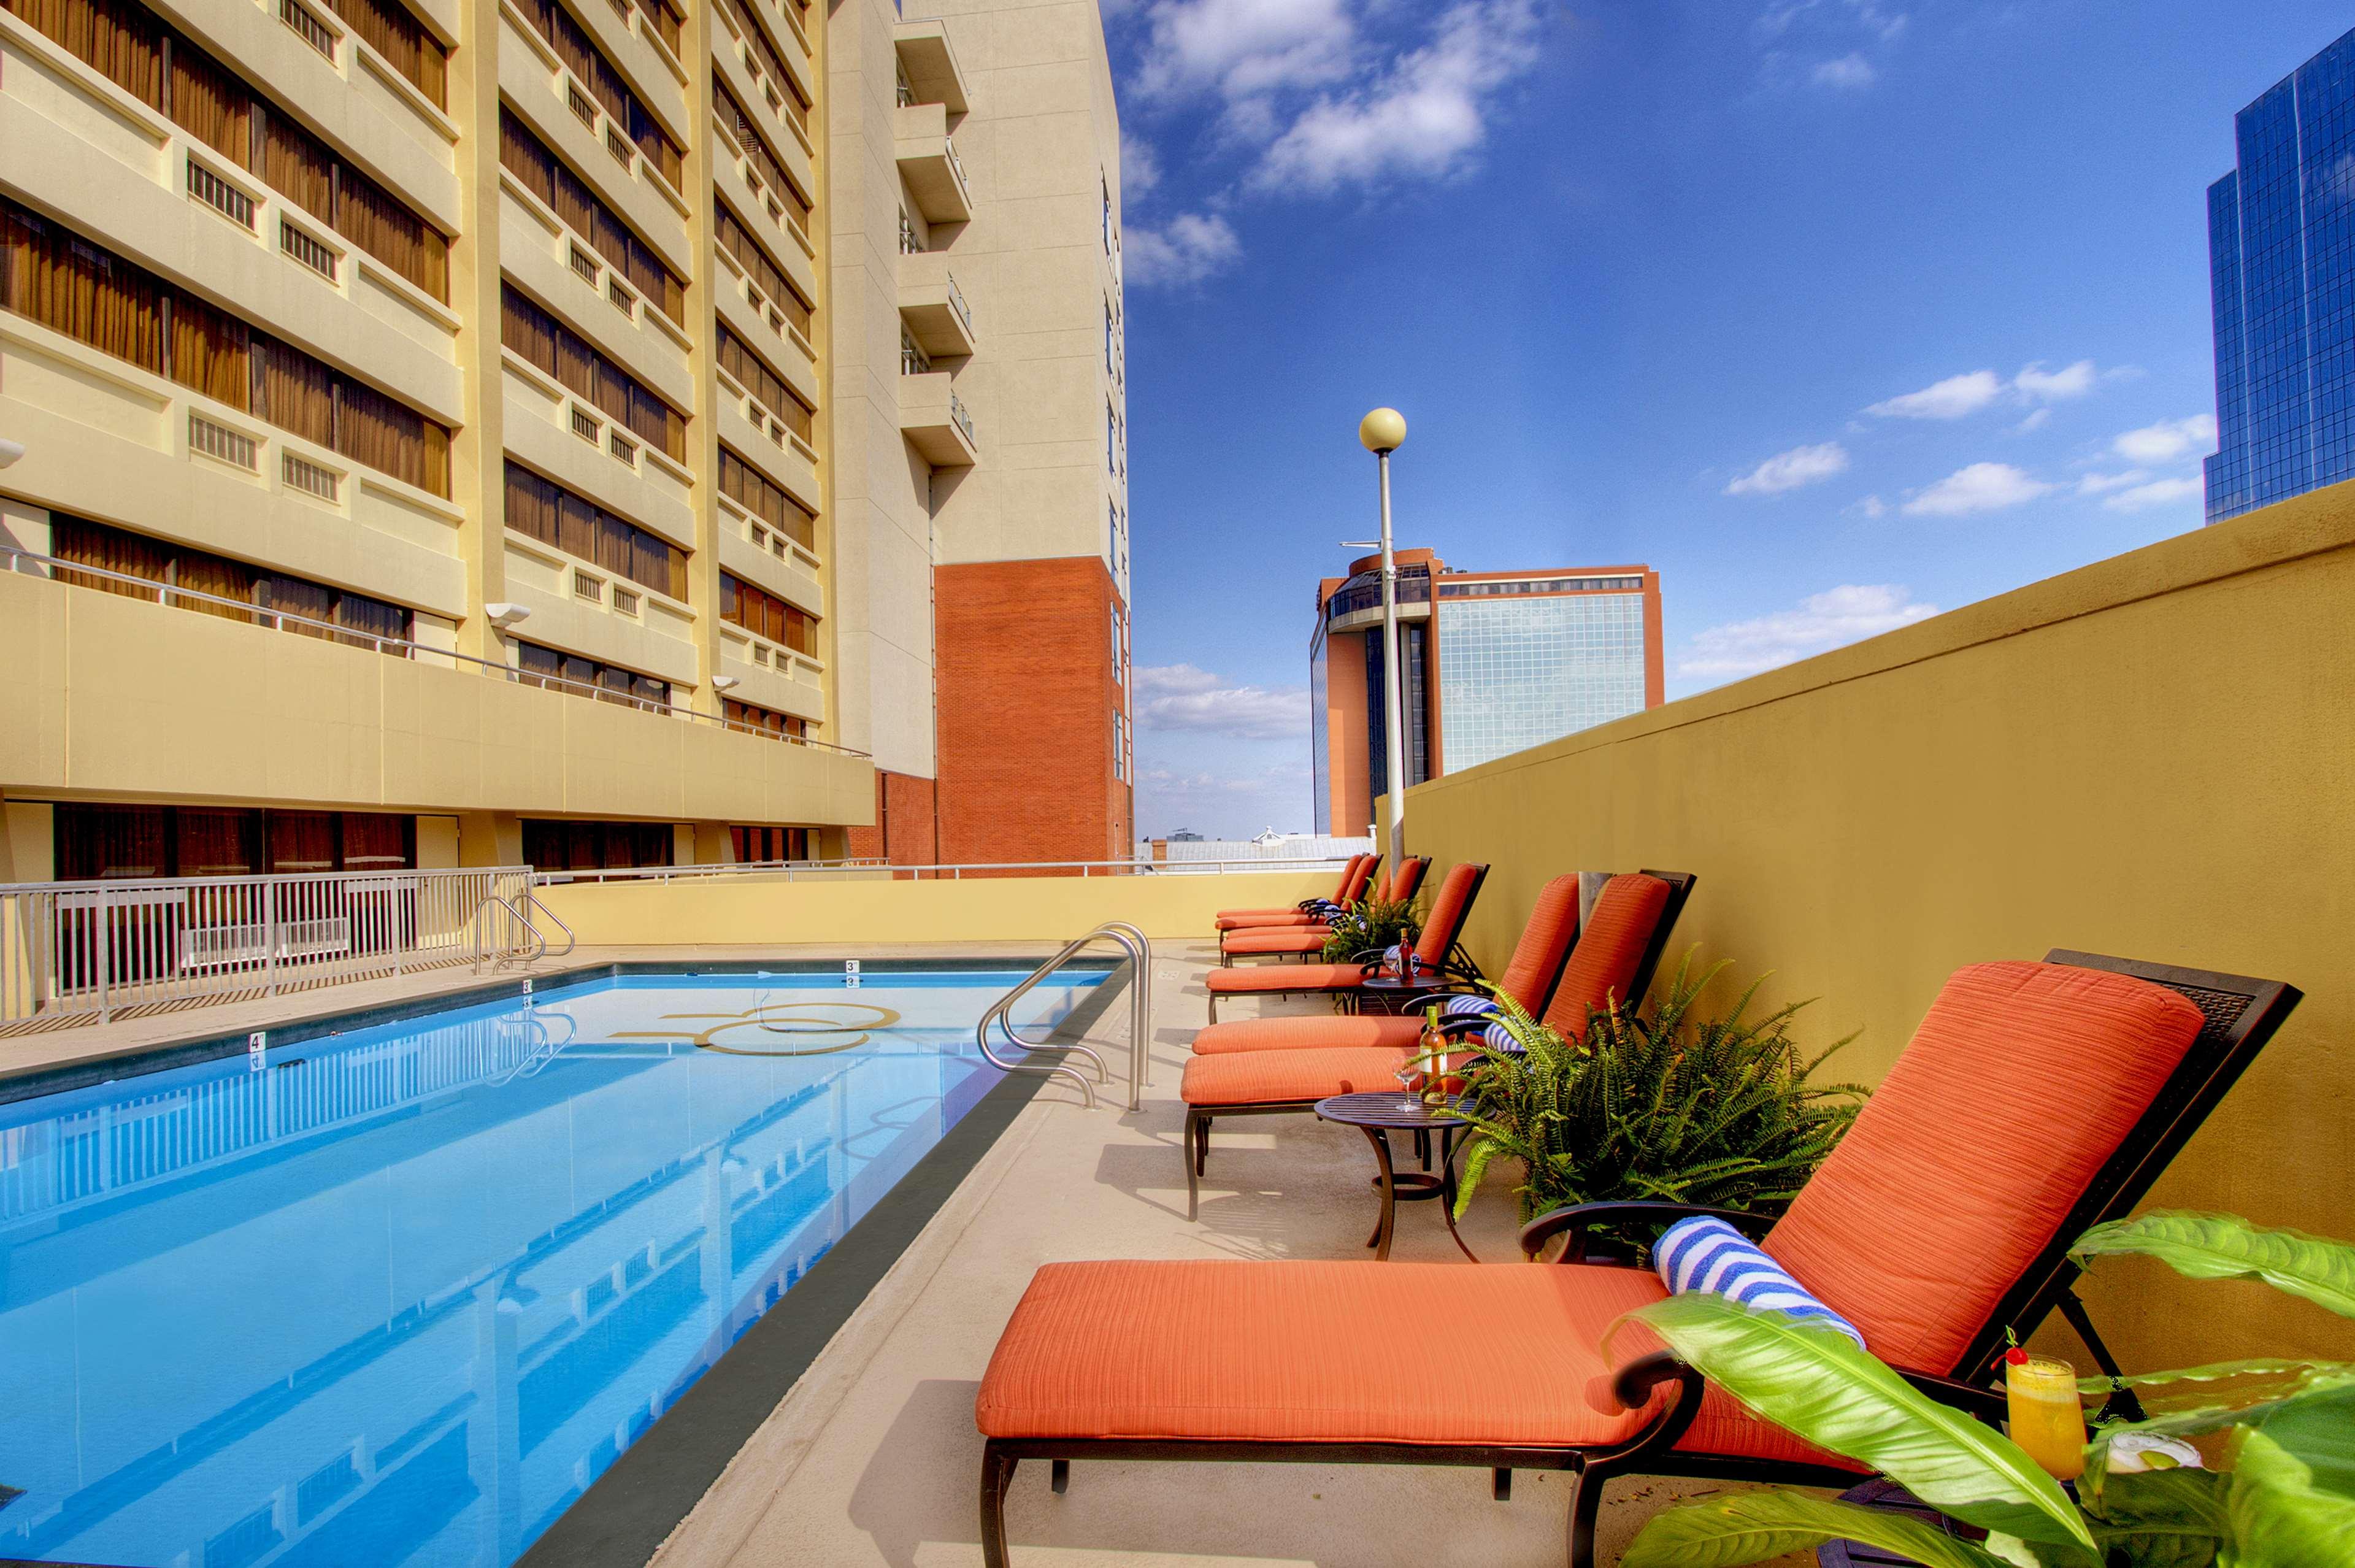 DoubleTree by Hilton Hotel Little Rock image 8